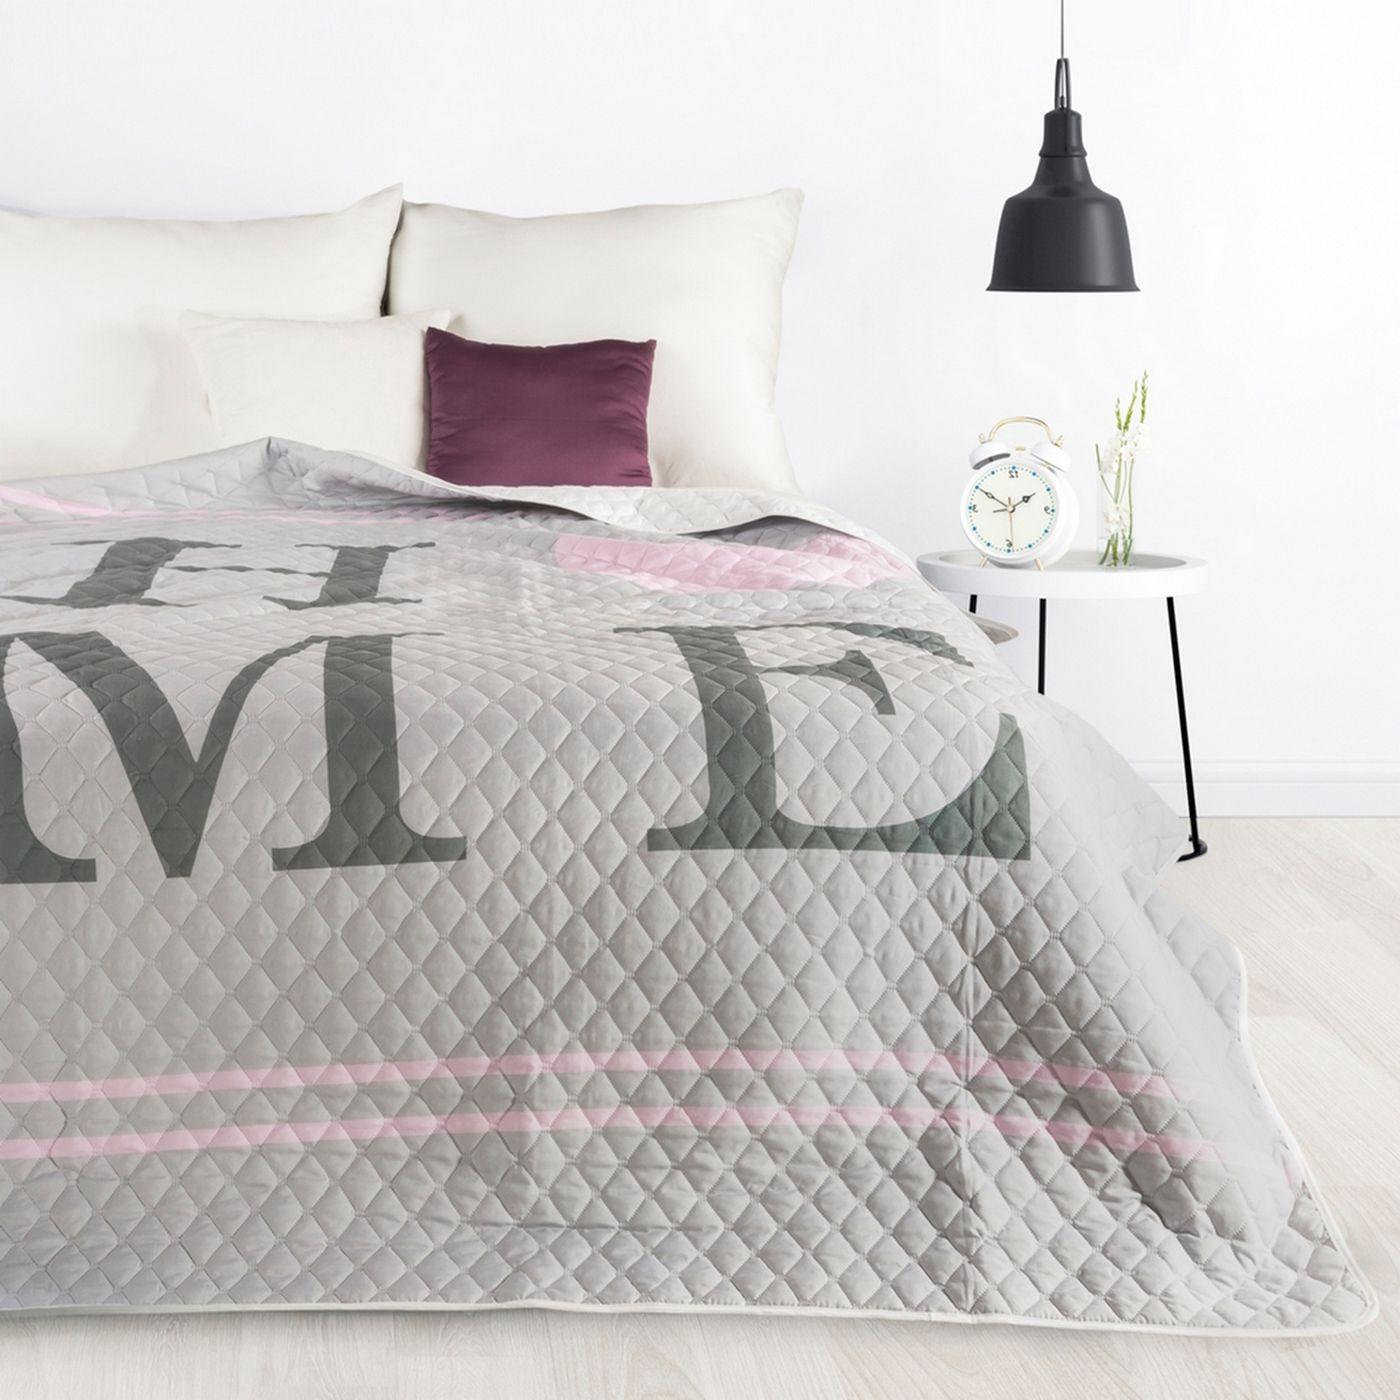 Pikowana narzuta srebrno-różowa z nadrukiem 170x210 cm